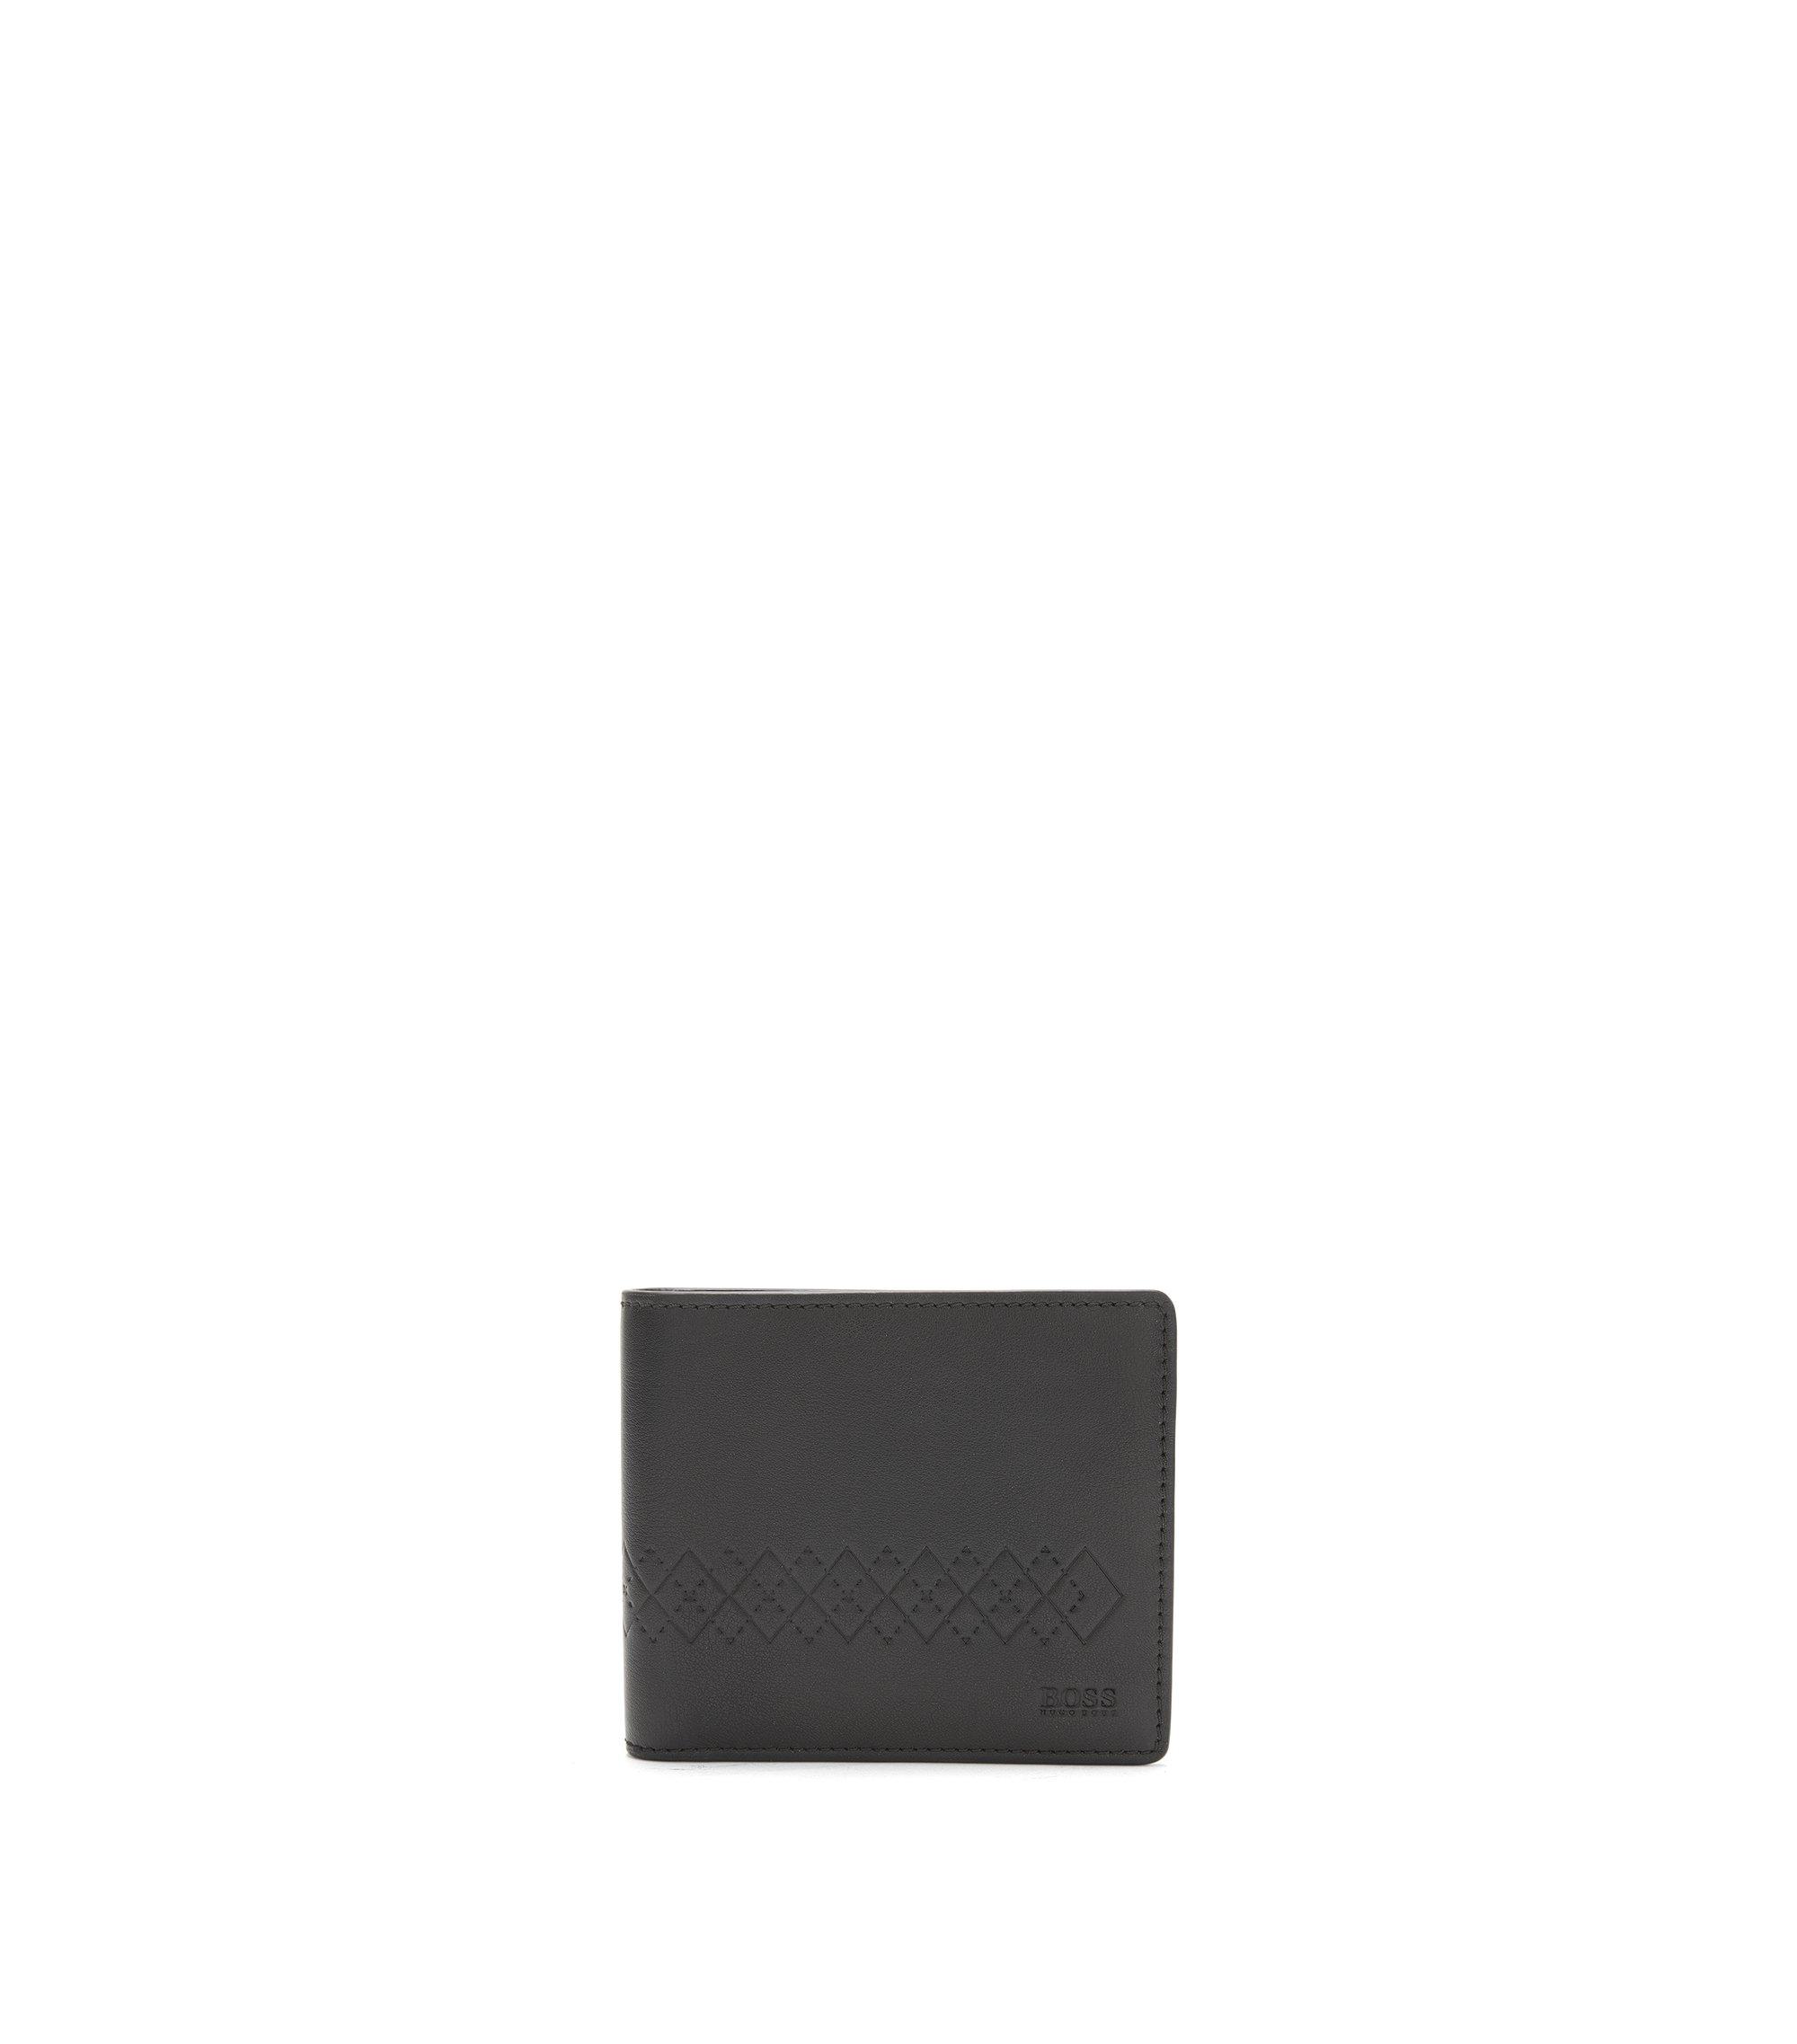 Set de regalo con cartera pequeña de piel y llavero con grabado artístico, Negro